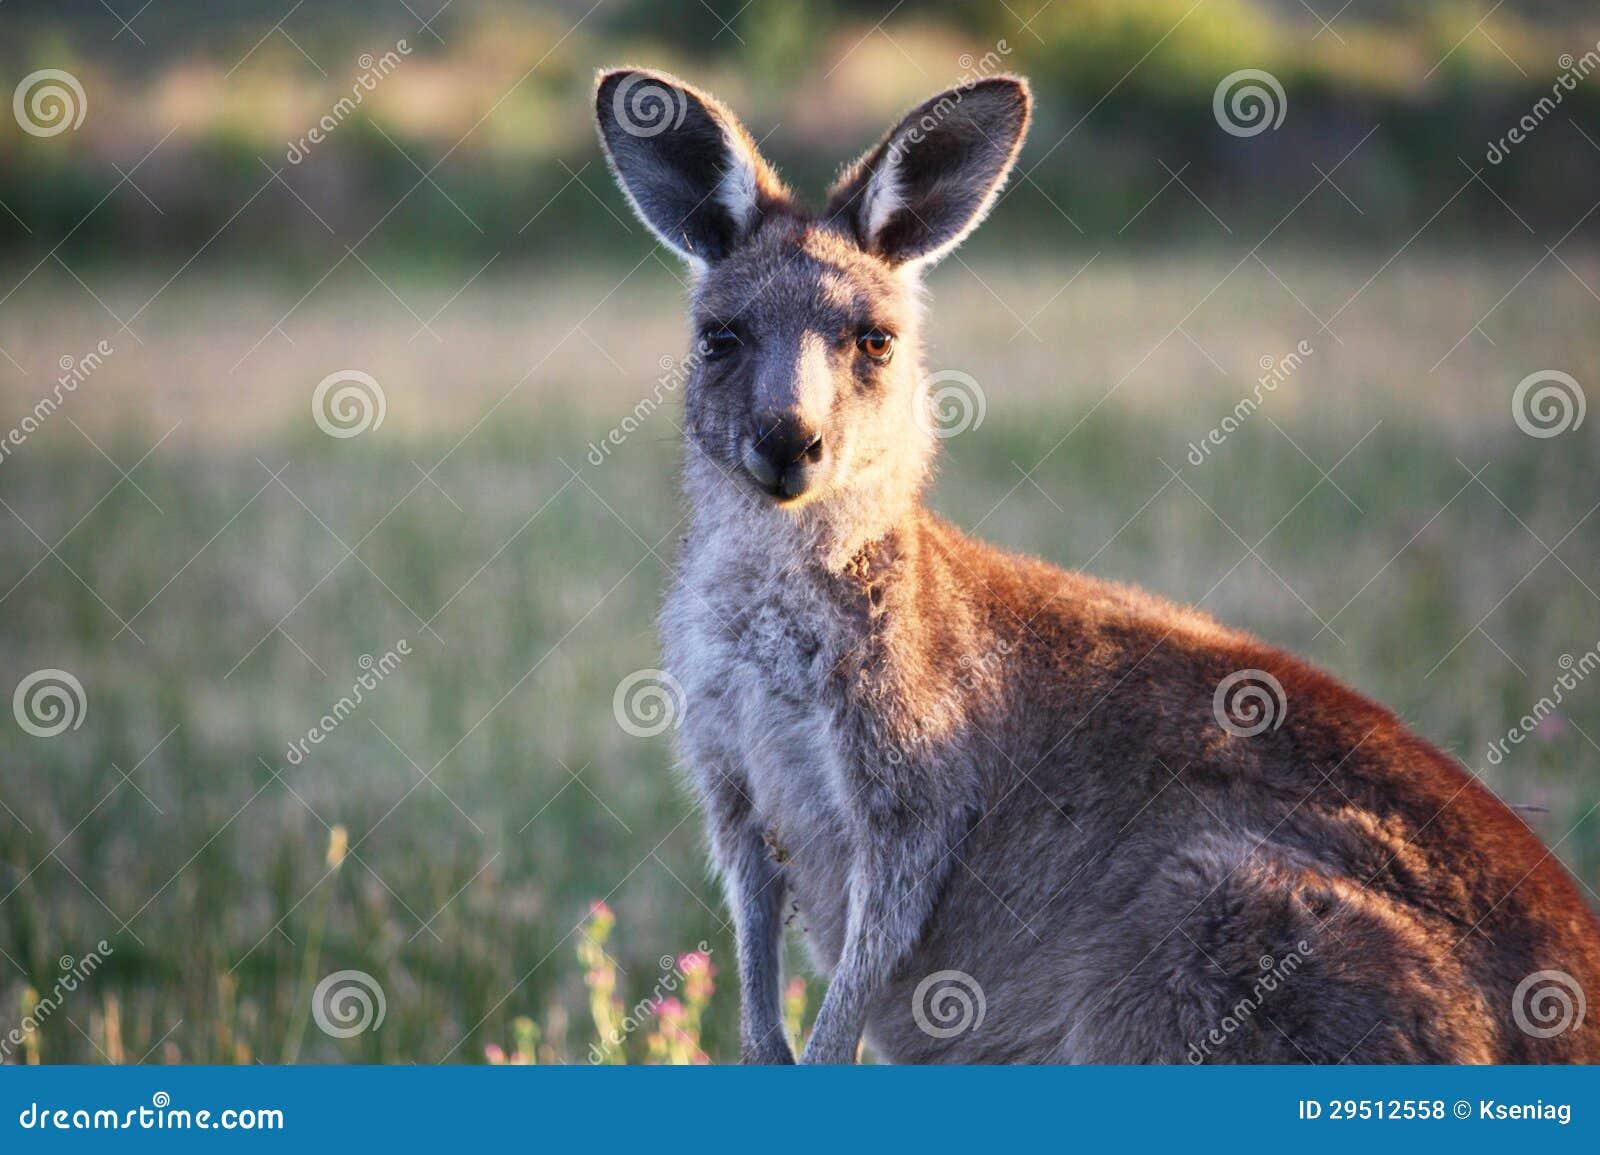 Kangoeroe in Australië.